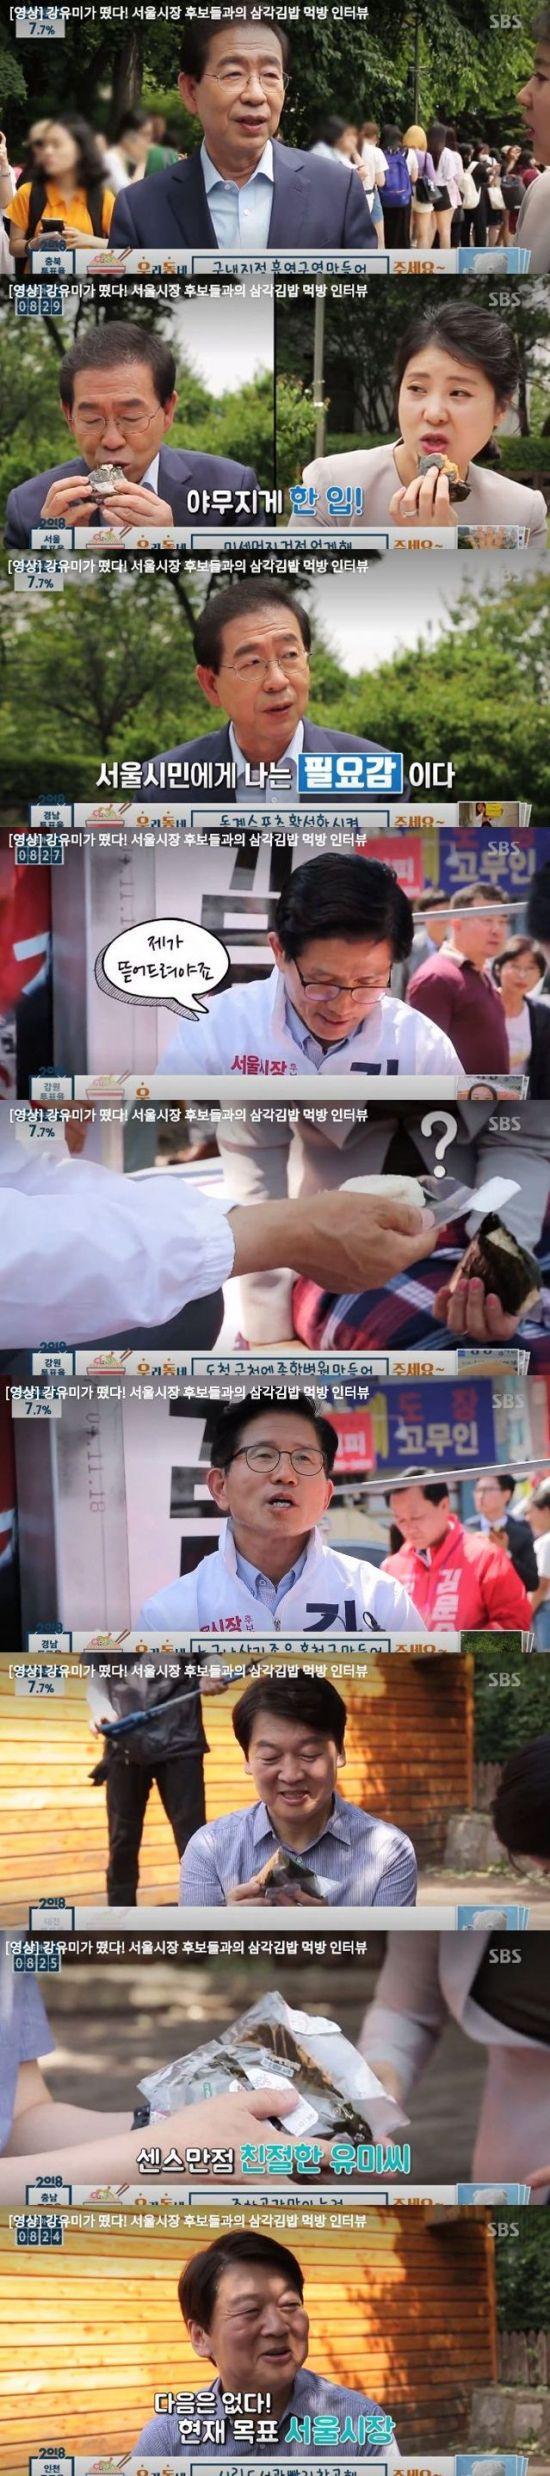 서울시장 후보 강유미 건넨 삼각 김밥 포장지 뜯는 법 '각양각색'